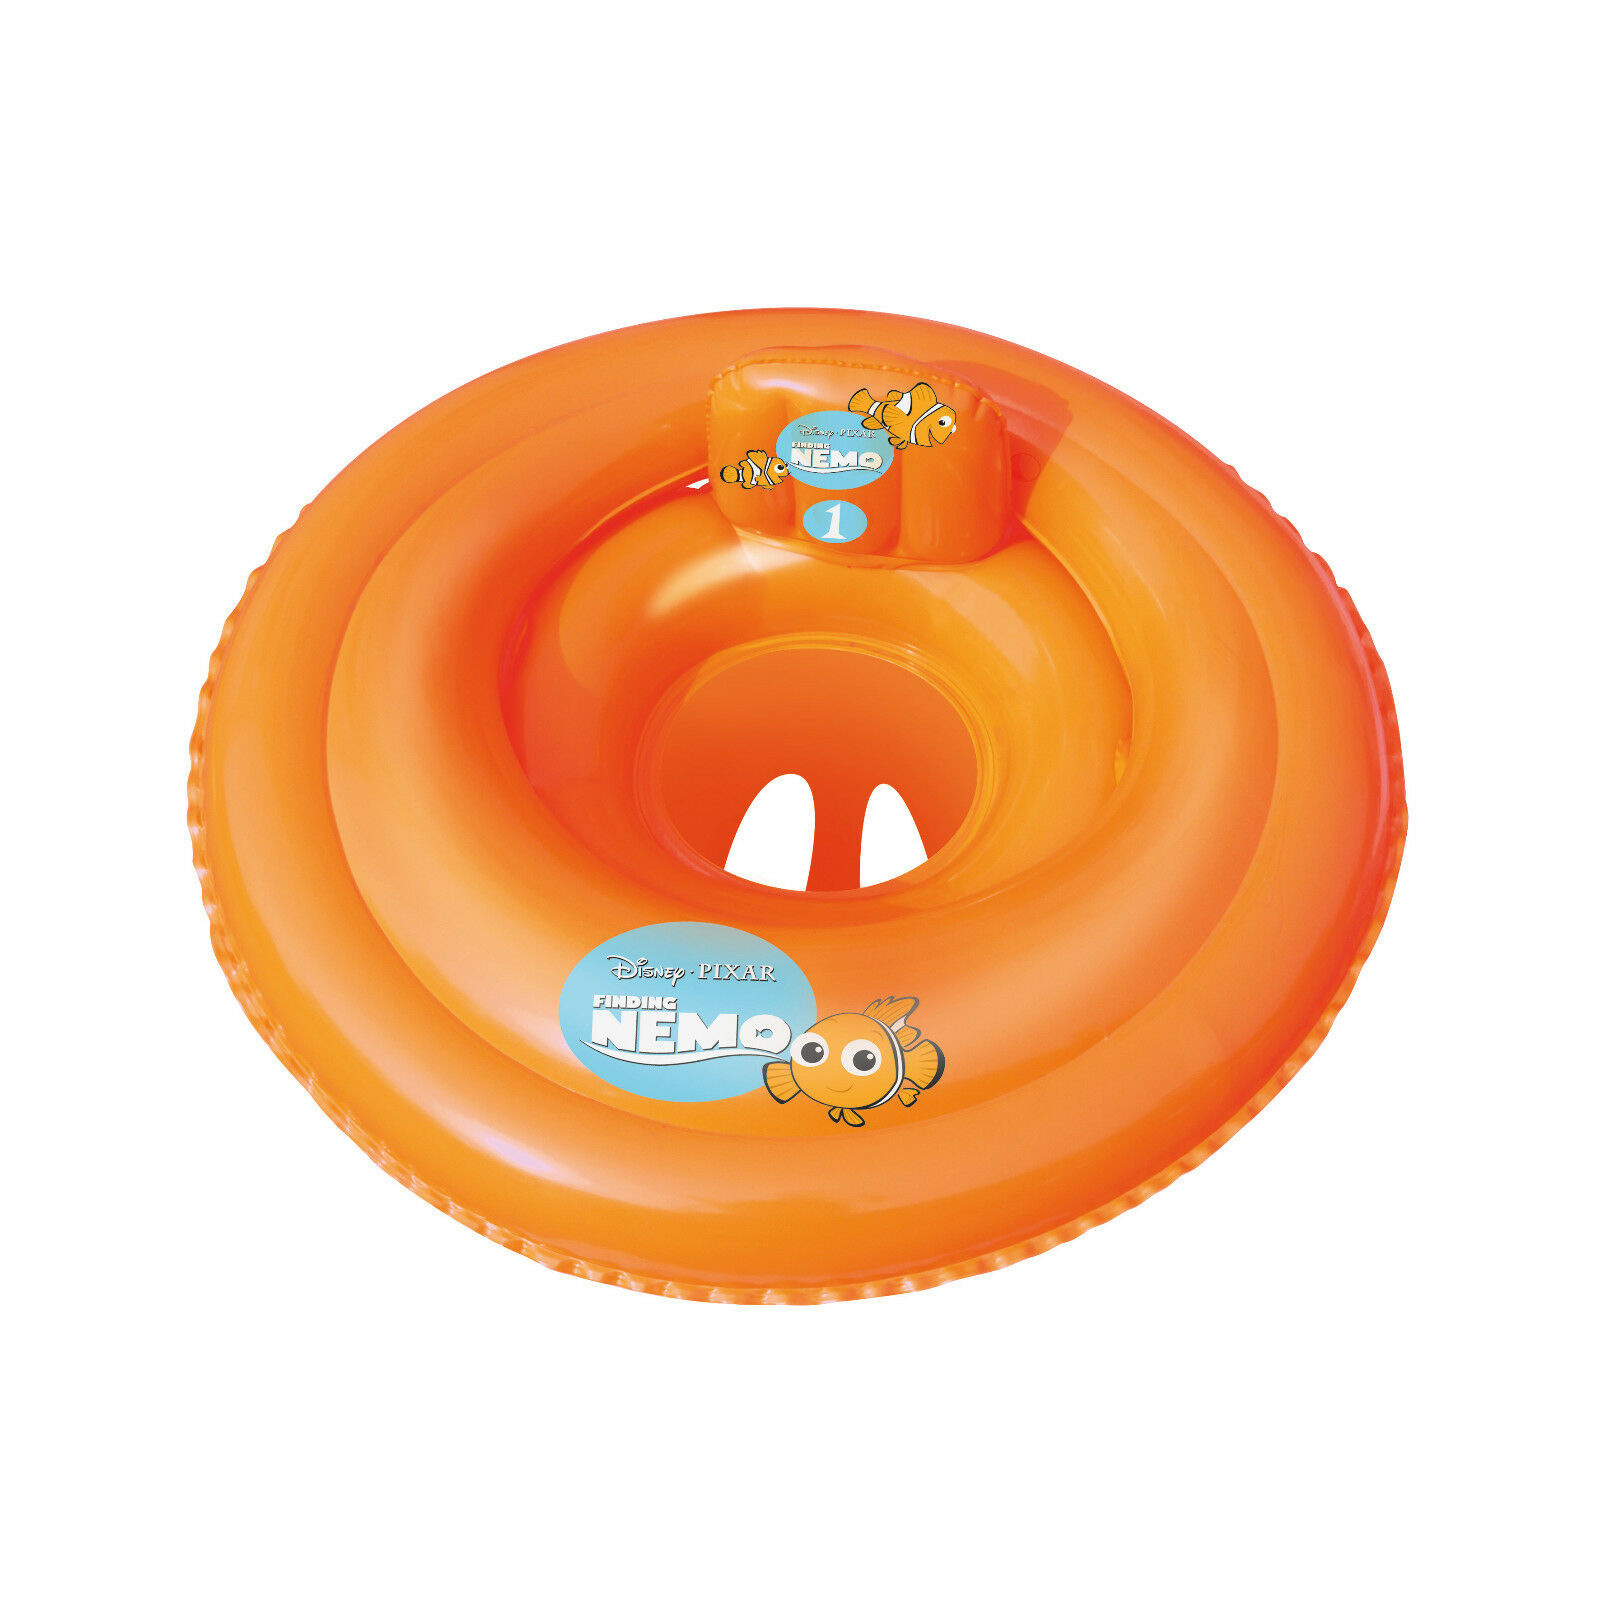 Baby Schwimmsitz Disney`s Nemo 0-1 Jahr 69cm günstig kaufen Kinderbadespaß-Spielzeuge